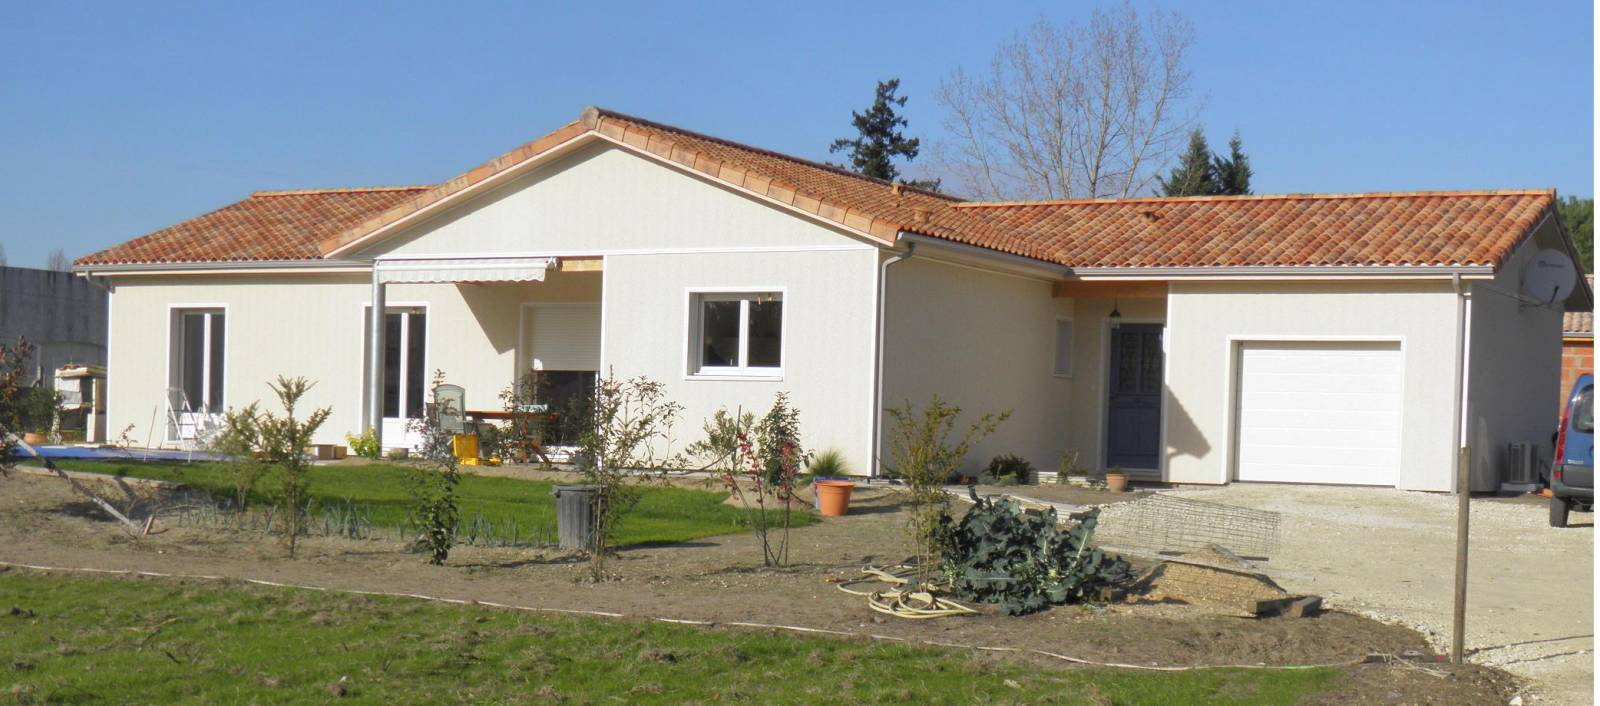 Maison construction bois réf 18 19 pr u00e8s de St André de Cubzac Gironde (33) Cogebois # Construction Bois Gironde